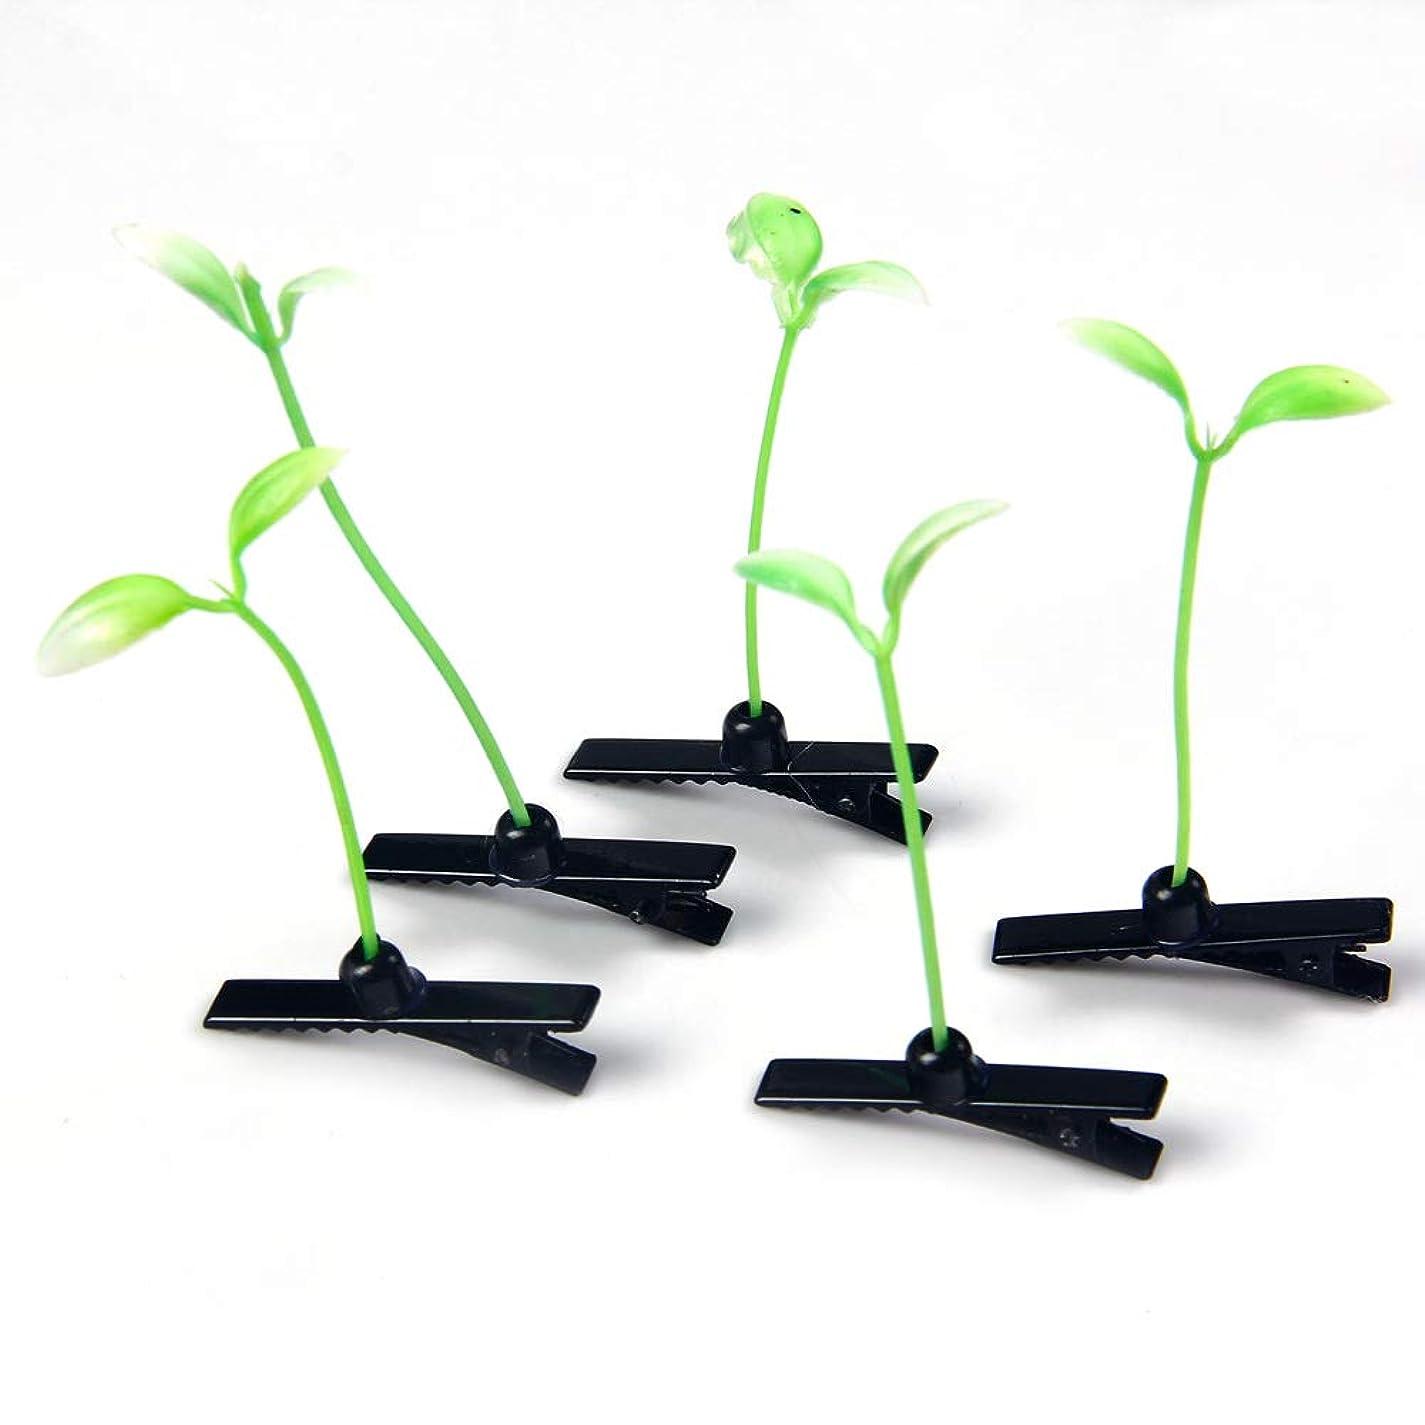 後方に物理バースSMTHOME おもちゃヘアピン 髪飾り 大流行可愛い 面白い 植物贈り物 10個 話題ヘアピン 萌えもやし 萌え草 頭に草がひょんと生え 子供 ベビー 旅行大人男女兼用